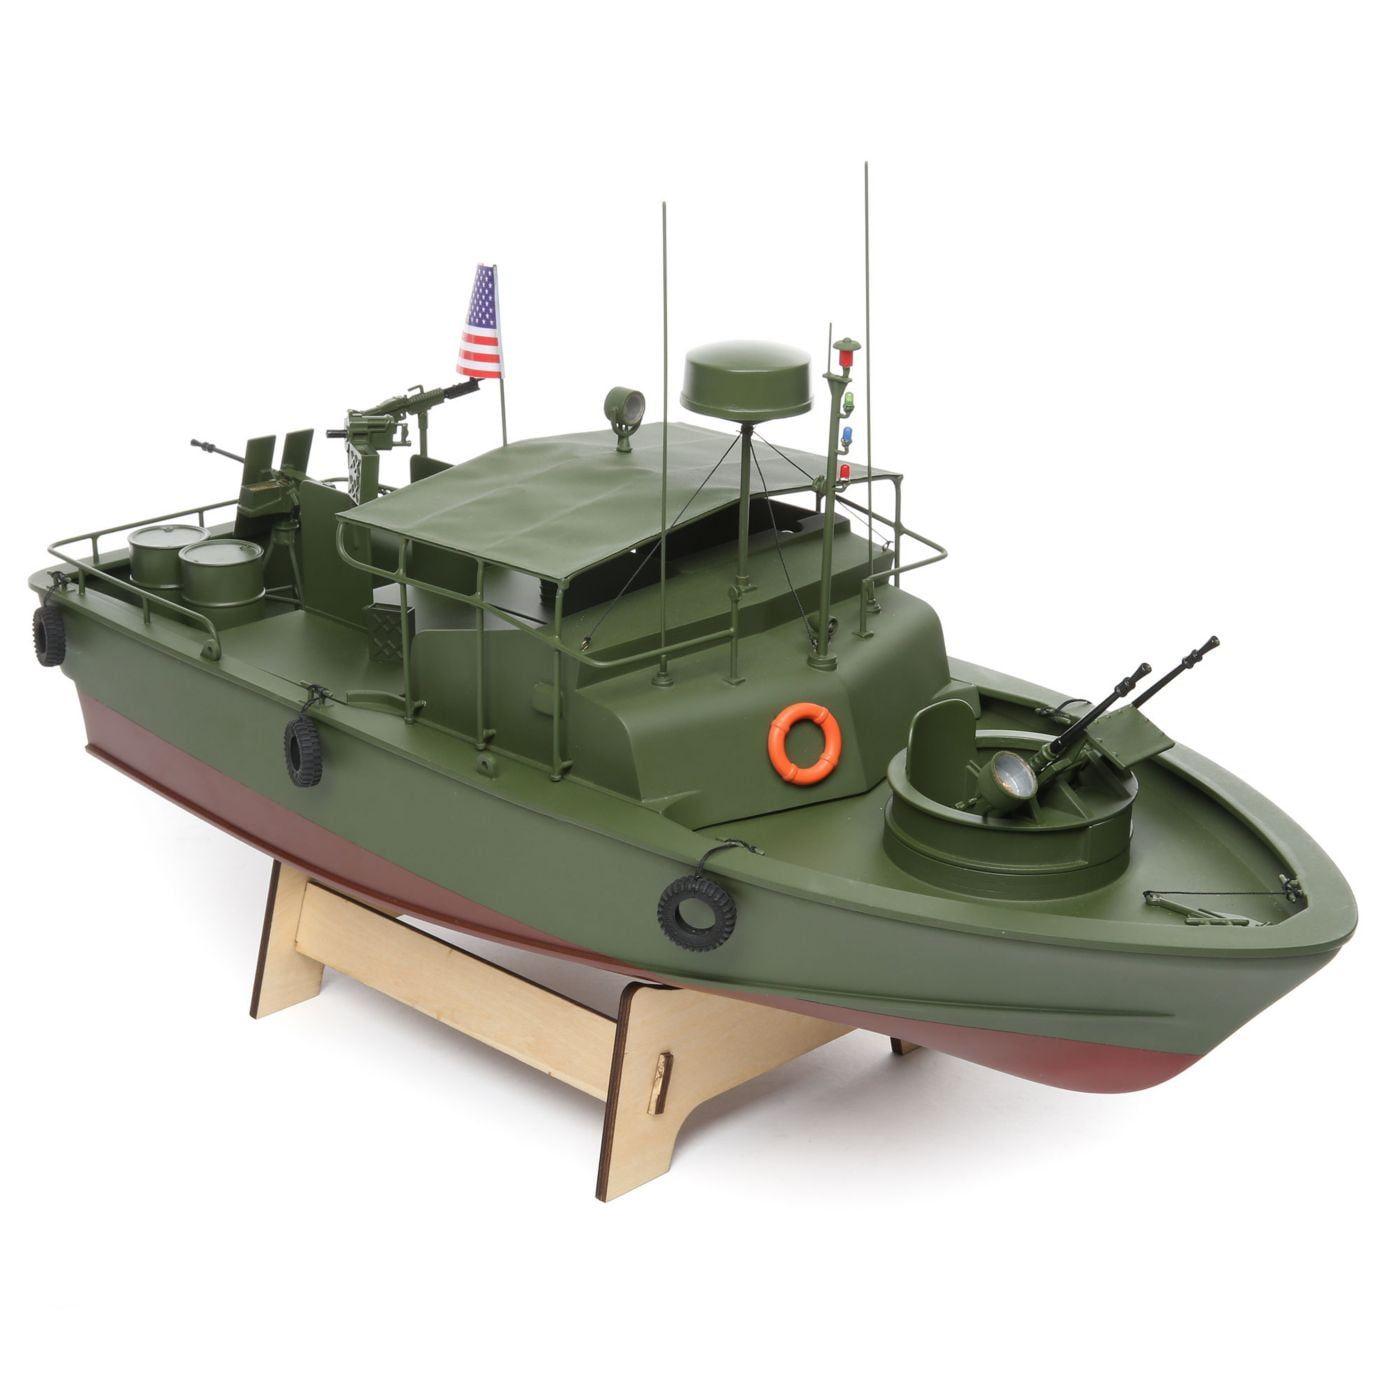 Alpha Patrol Boat 21-inch ARTR RC Boat